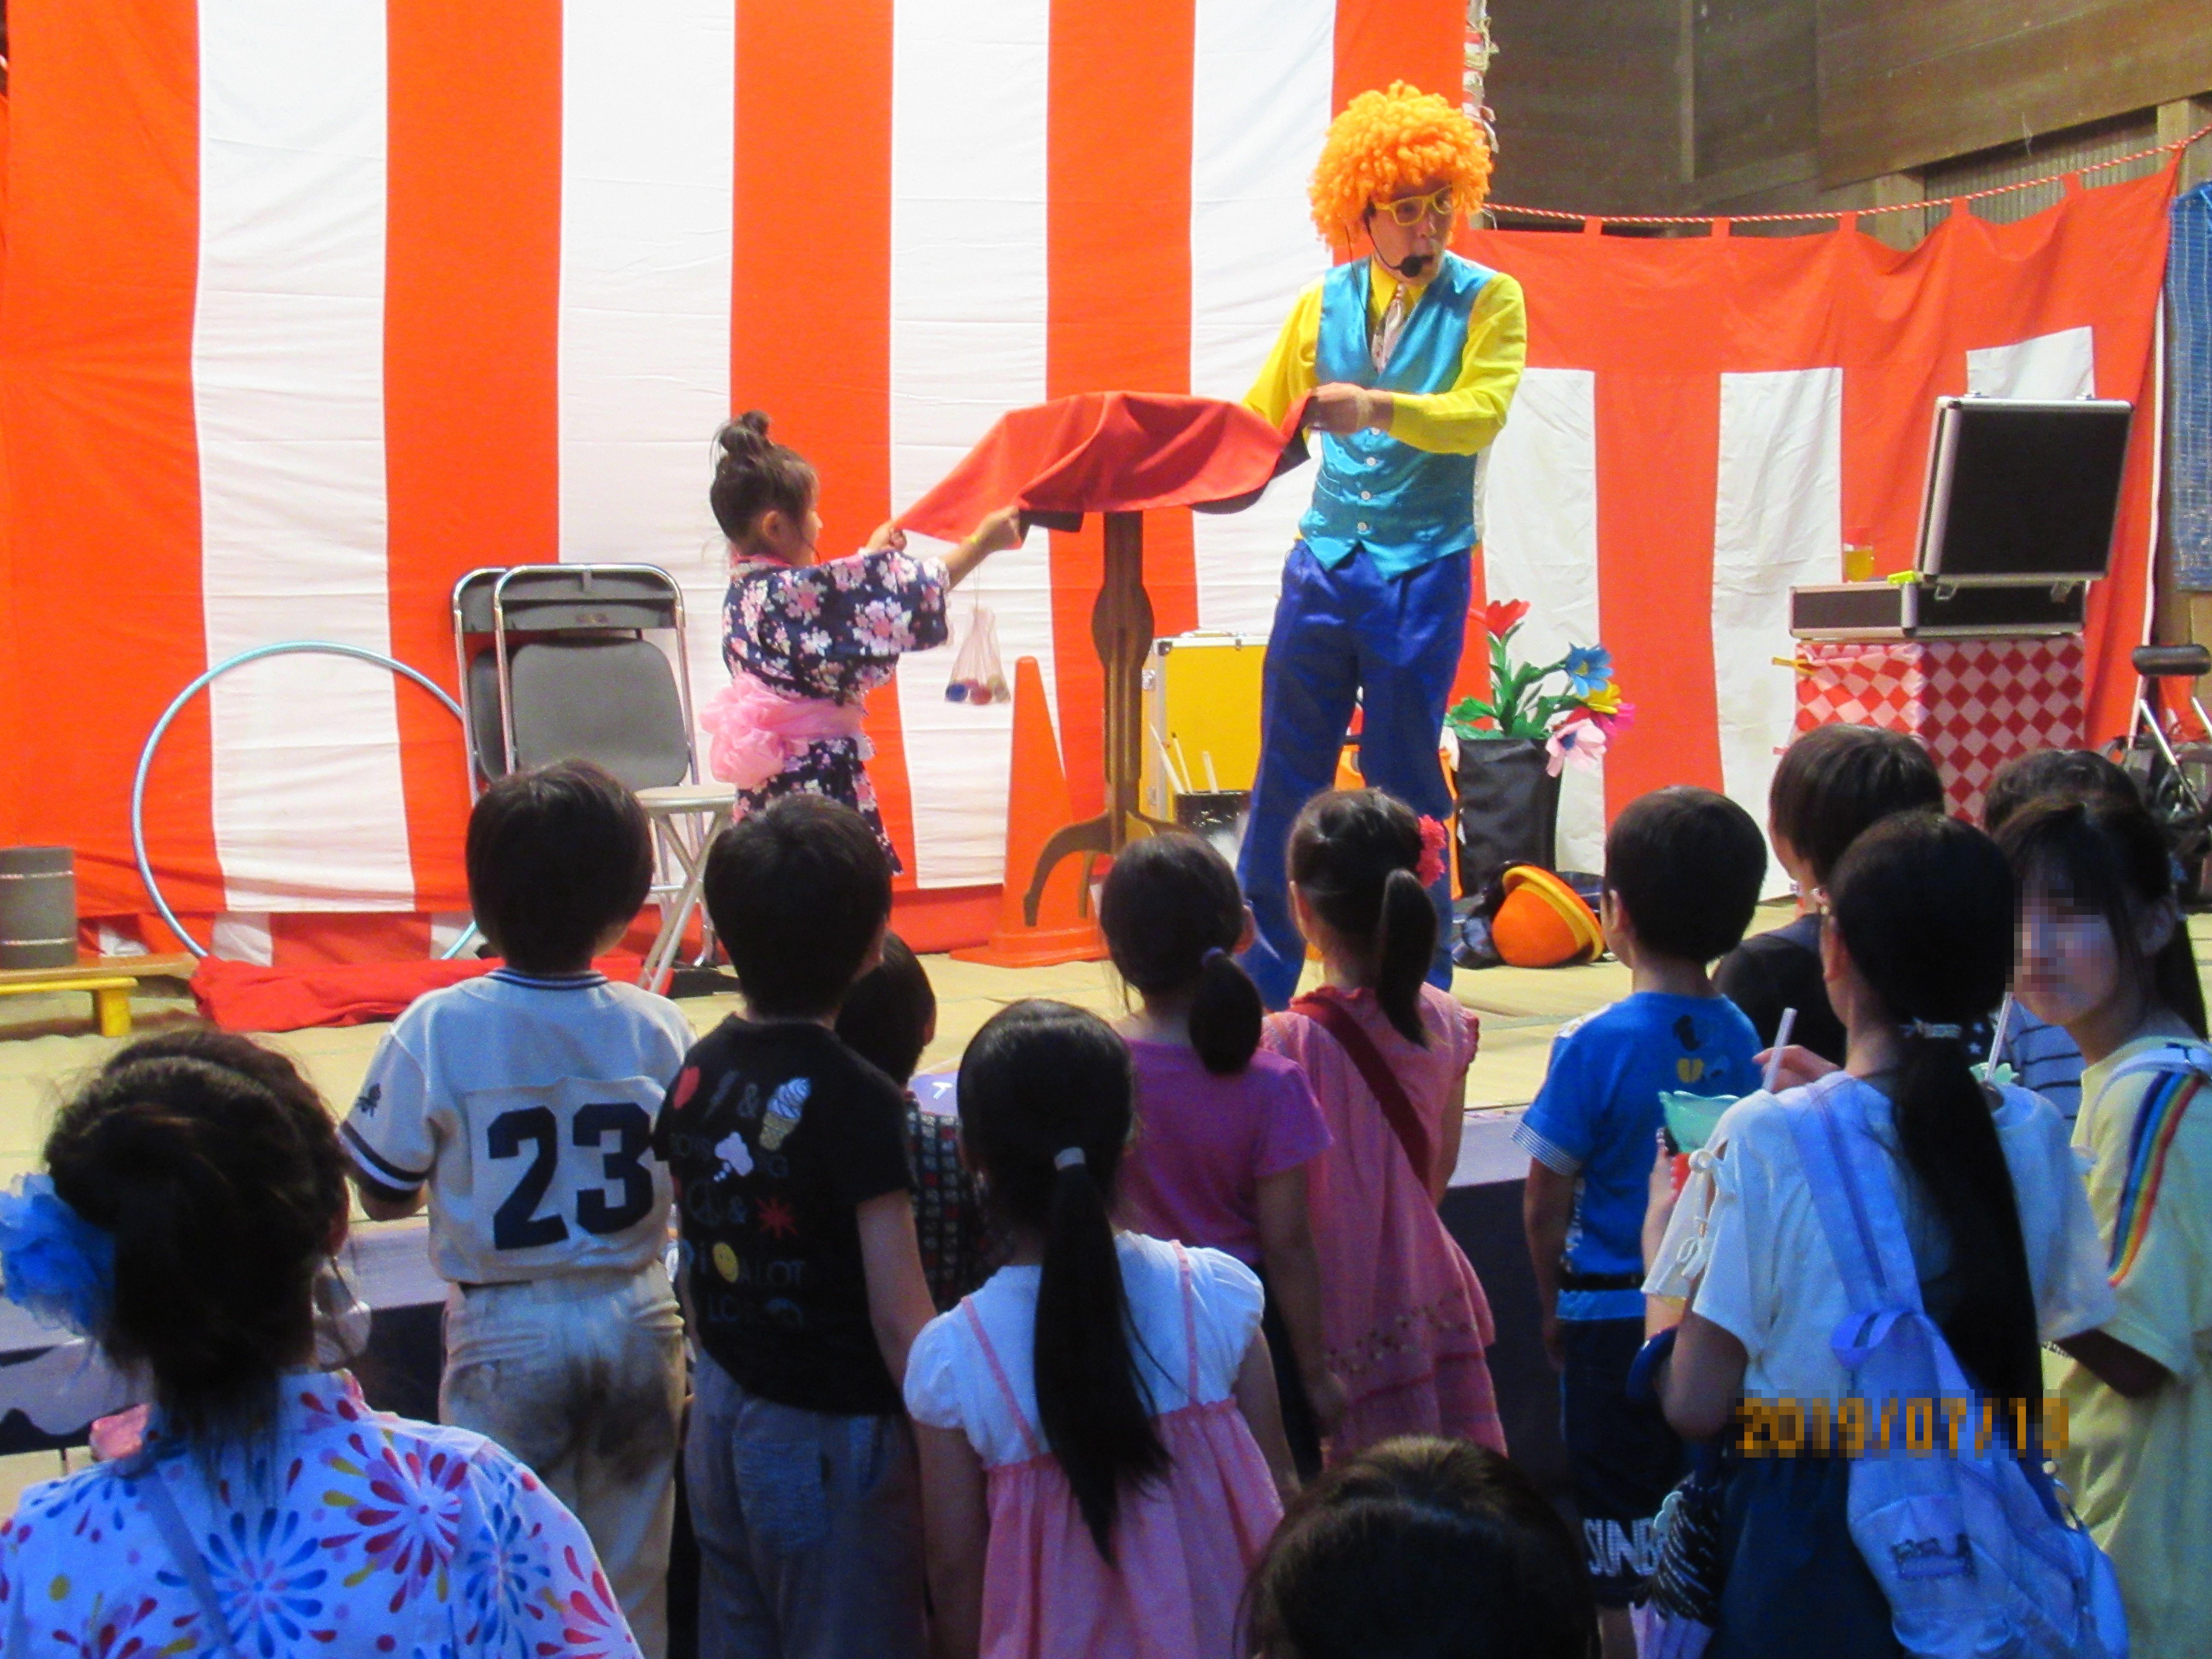 ピエロ 大道芸人 マジック 子供に人気 タレント